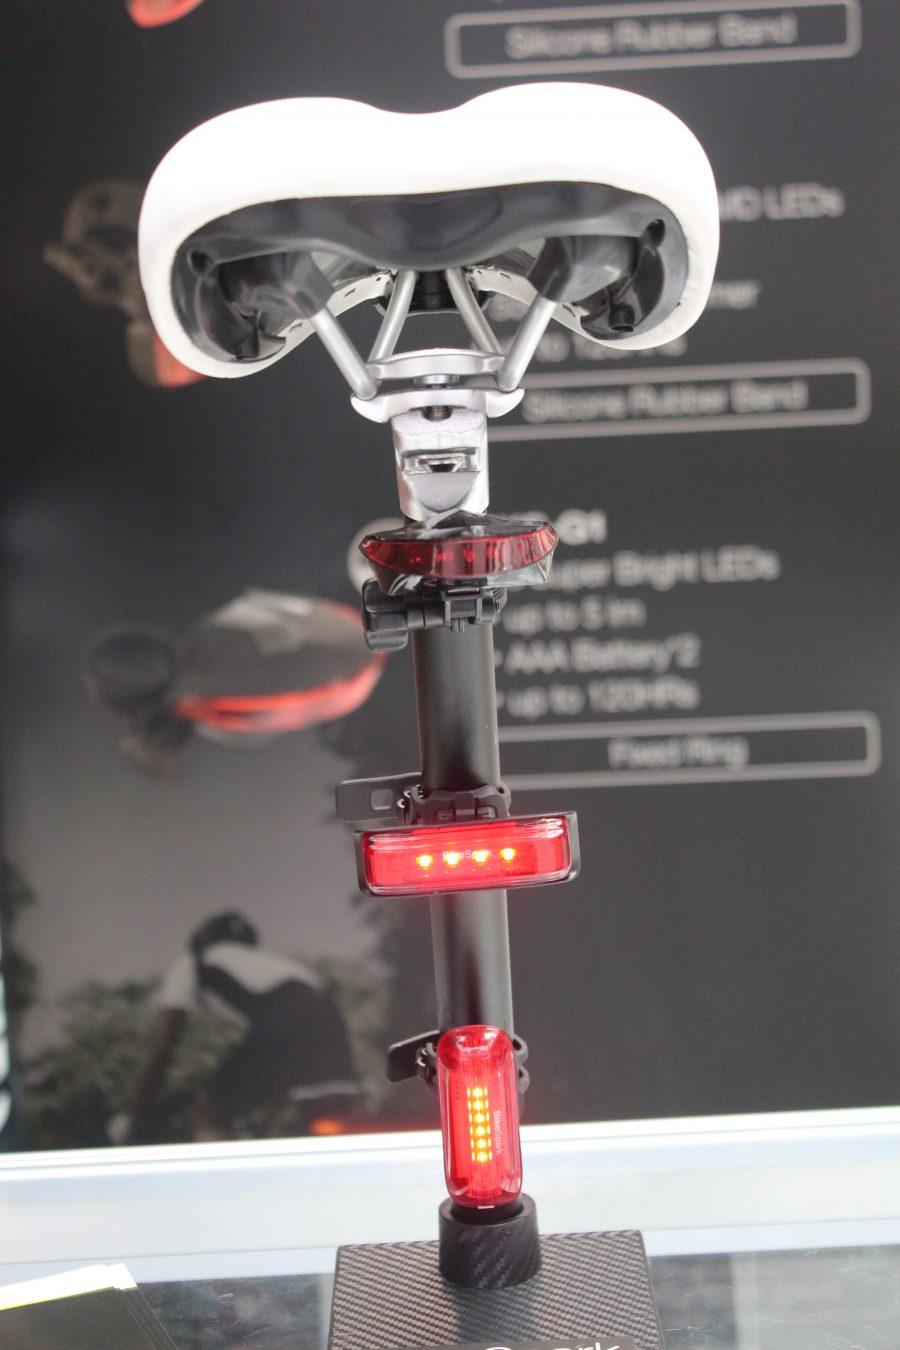 騎得安全,Computex 展出可低光錄影高畫質自行車燈與剎車感應自行車尾燈 IMG_0696-e1528264006732-900x1350